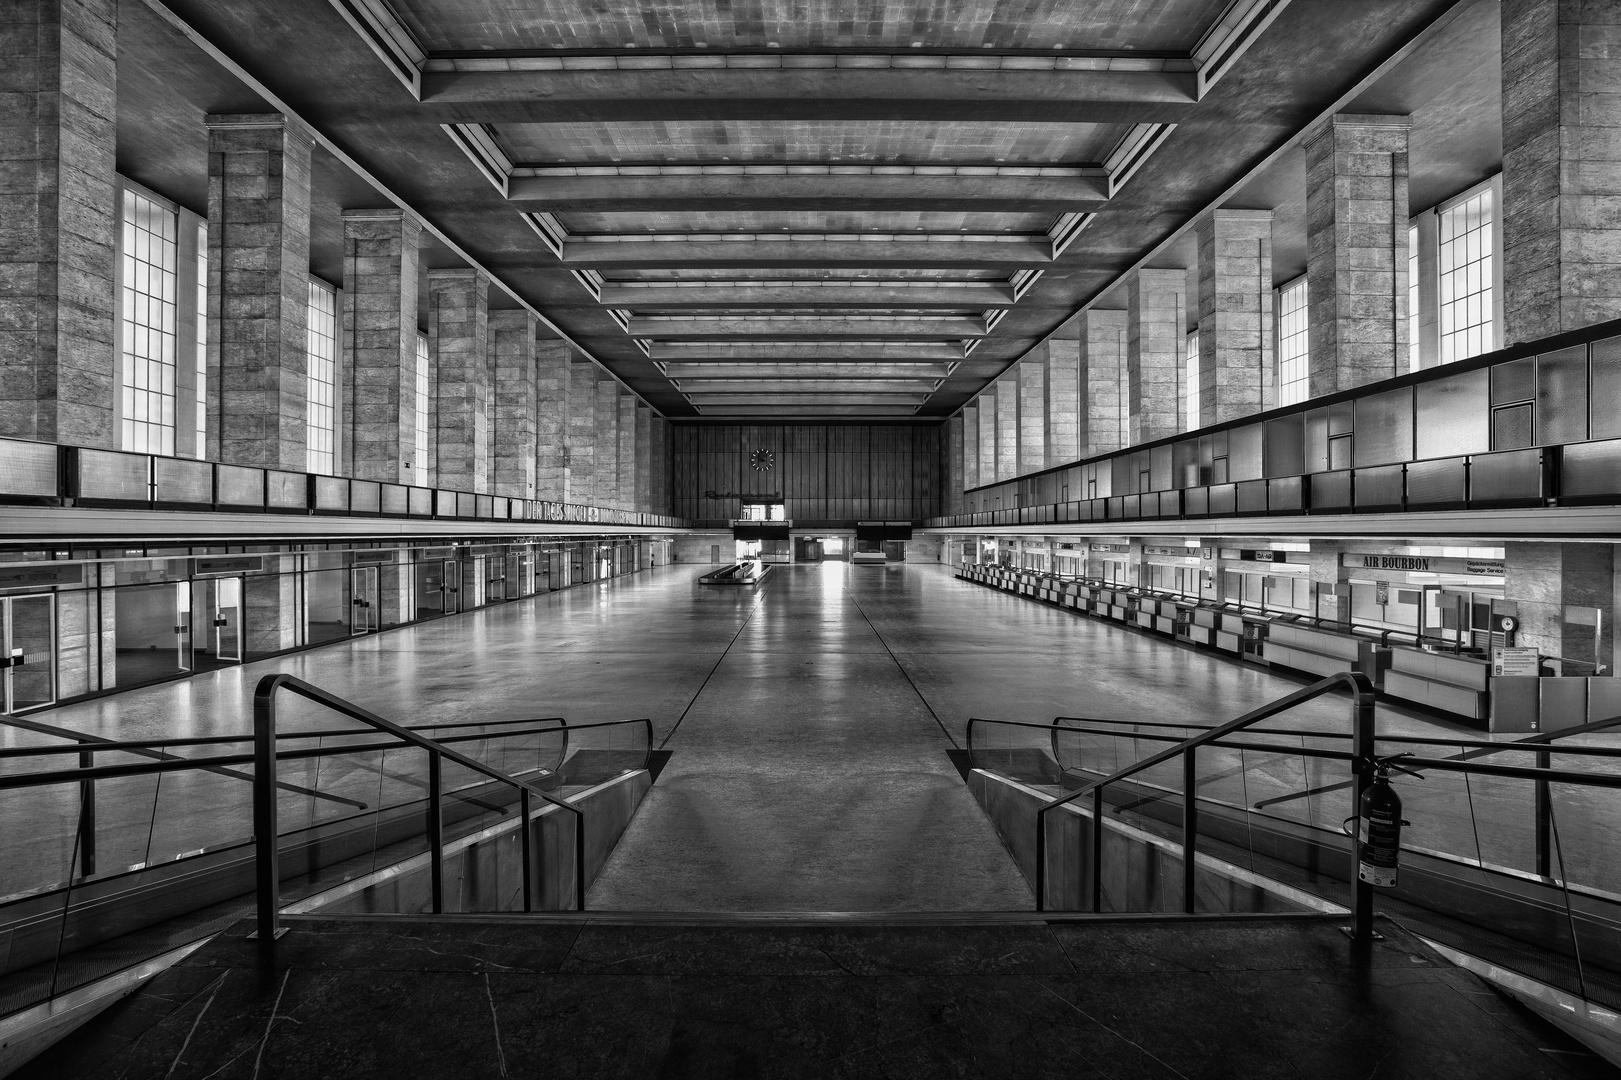 Flughafen Berlin Tempelhof (34)